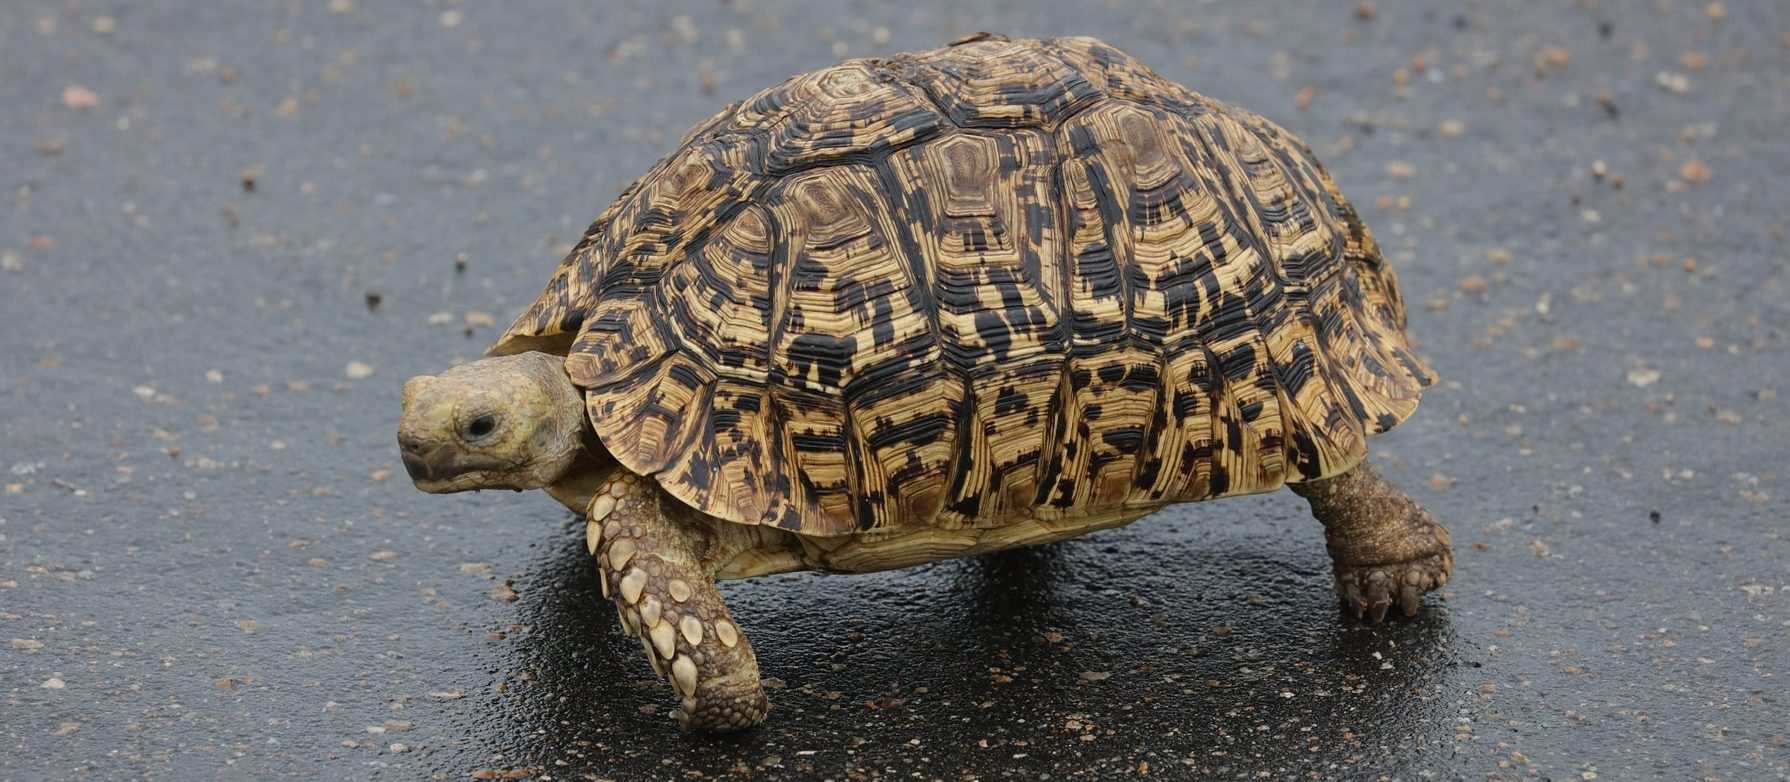 Pantherschildkröte fragen zur Haltung